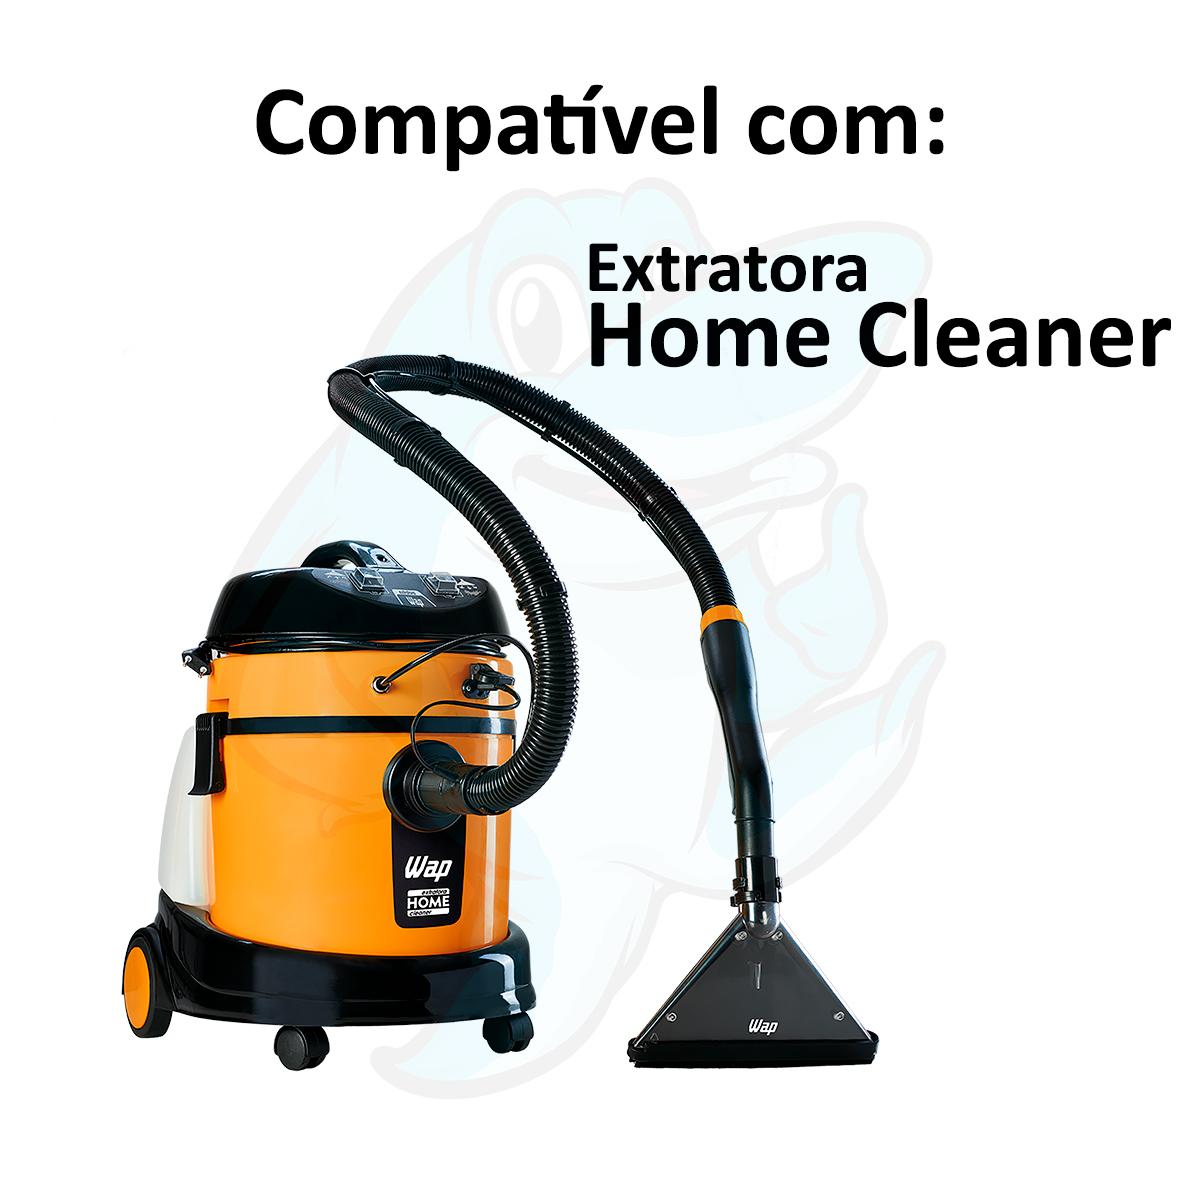 Bico Para Extratora Wap Home Cleaner, Carpet Cleaner Pro 30 Transparente Original